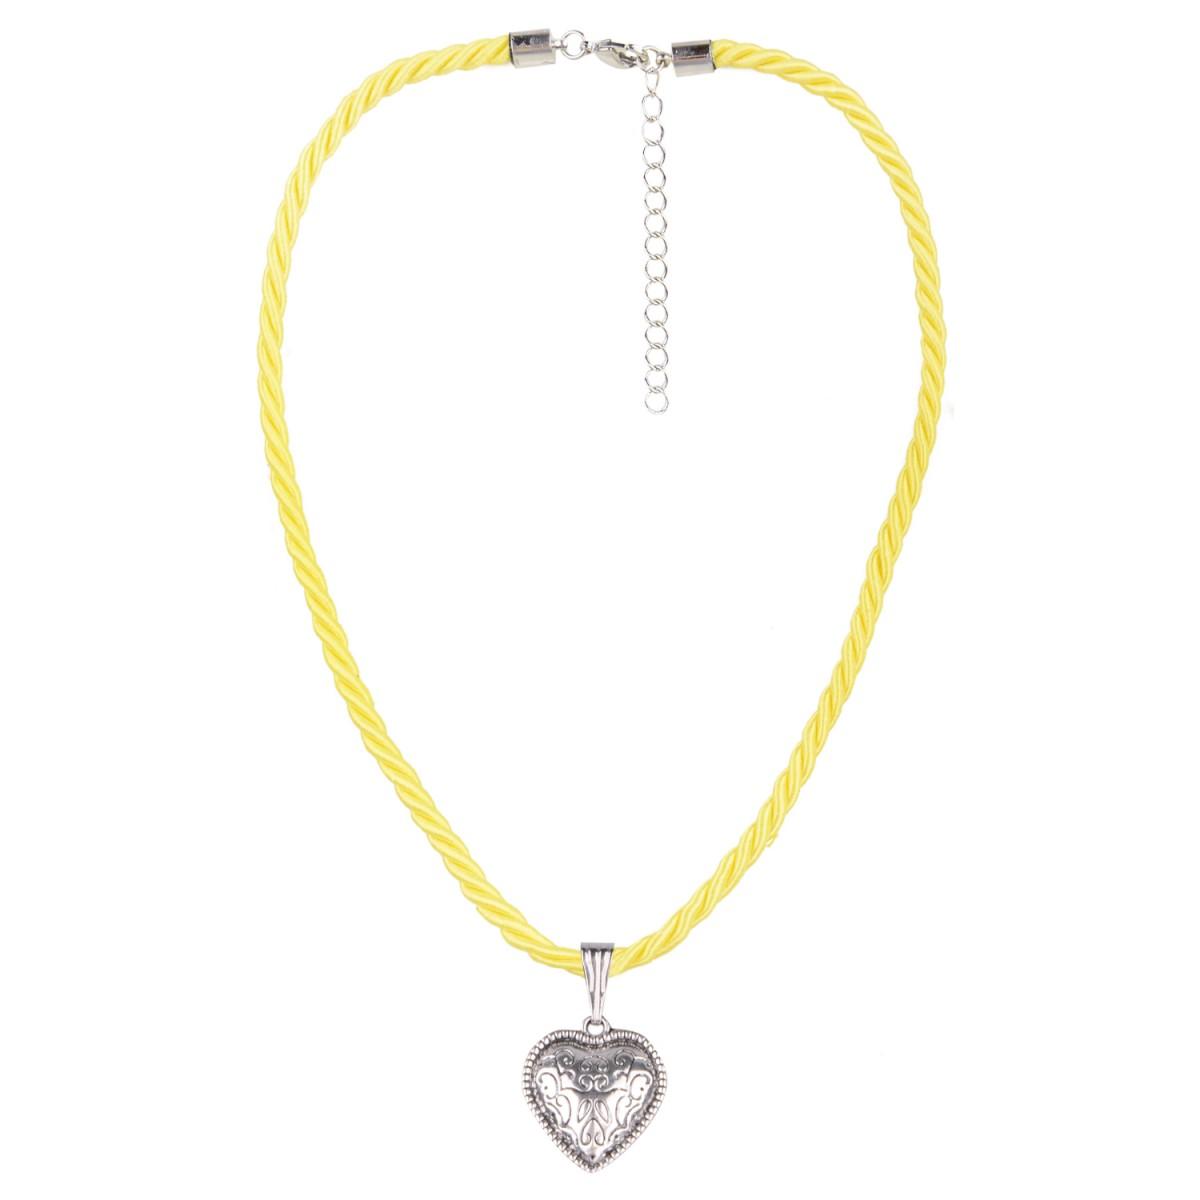 Kordelkette mit kleinem Herz in Gelb von Schlick Accessories günstig online kaufen